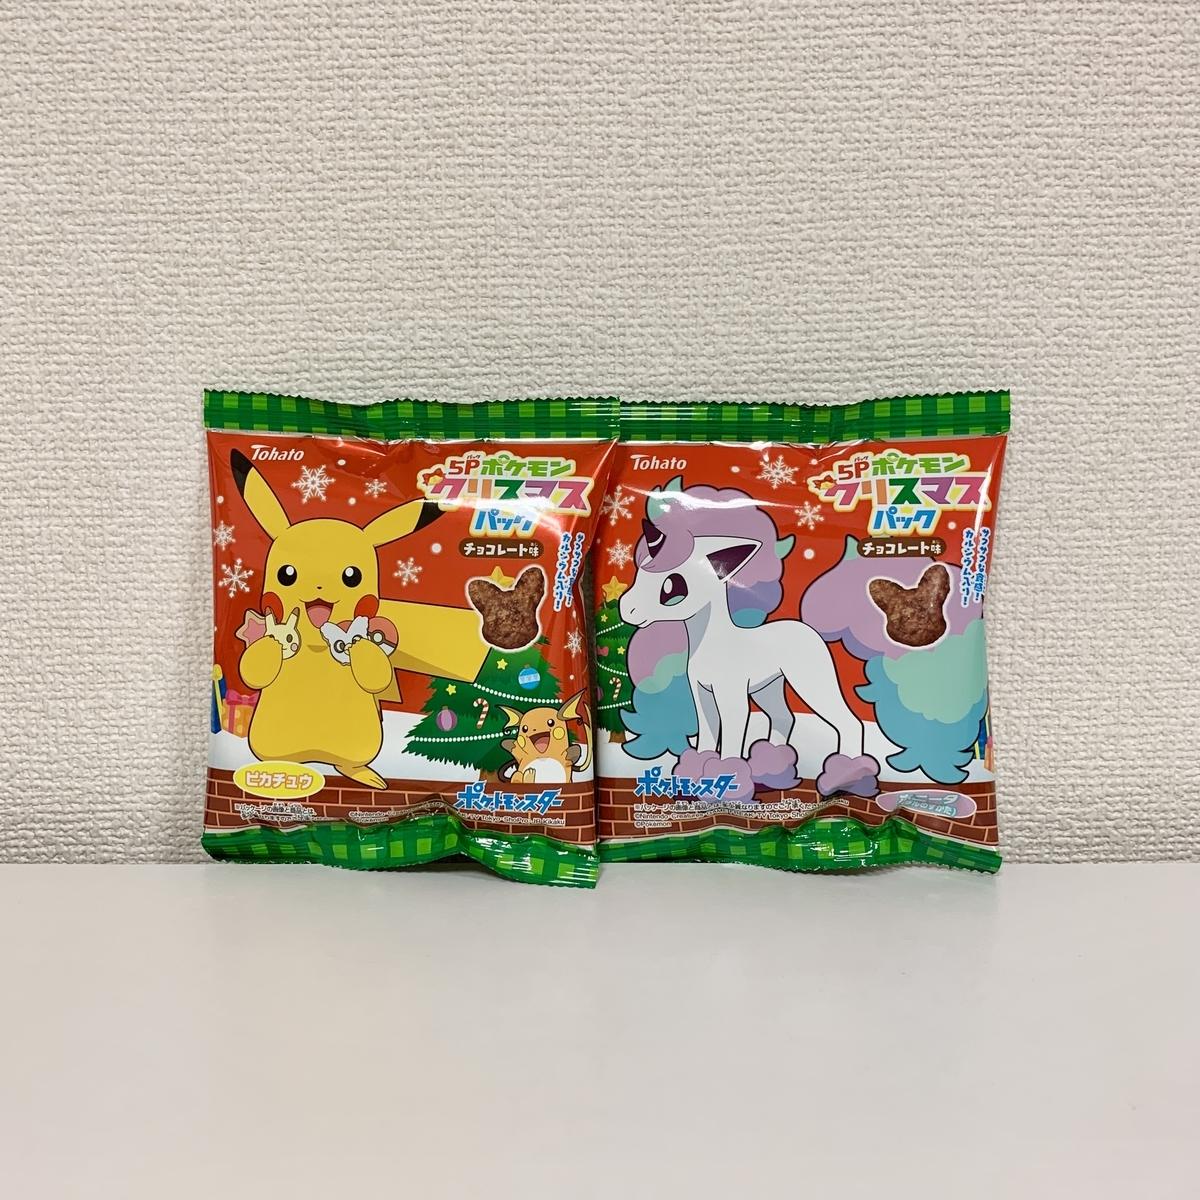 f:id:pikachu_pcn:20201025184946j:plain